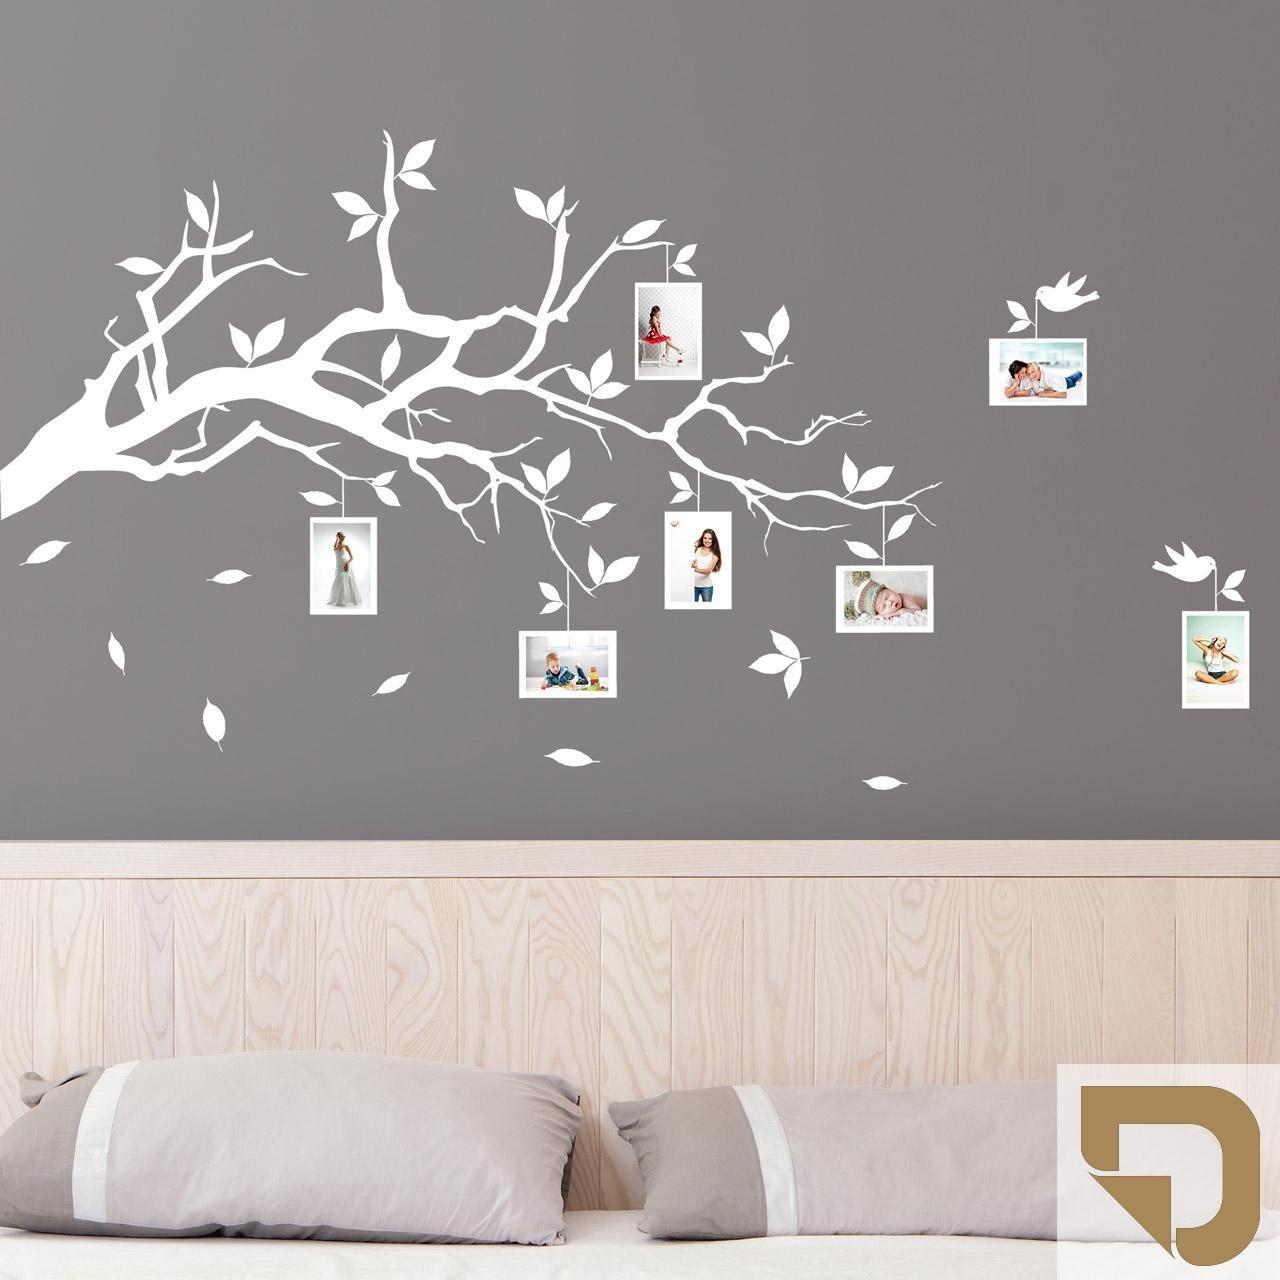 DESIGNSCAPE® Wandtattoo Ast mit Fotorahmen 120 x 72 cm (Breite x Höhe) schwarz DW804006-M-F4 B01E7KST7Y Wandtattoos & Wandbilder